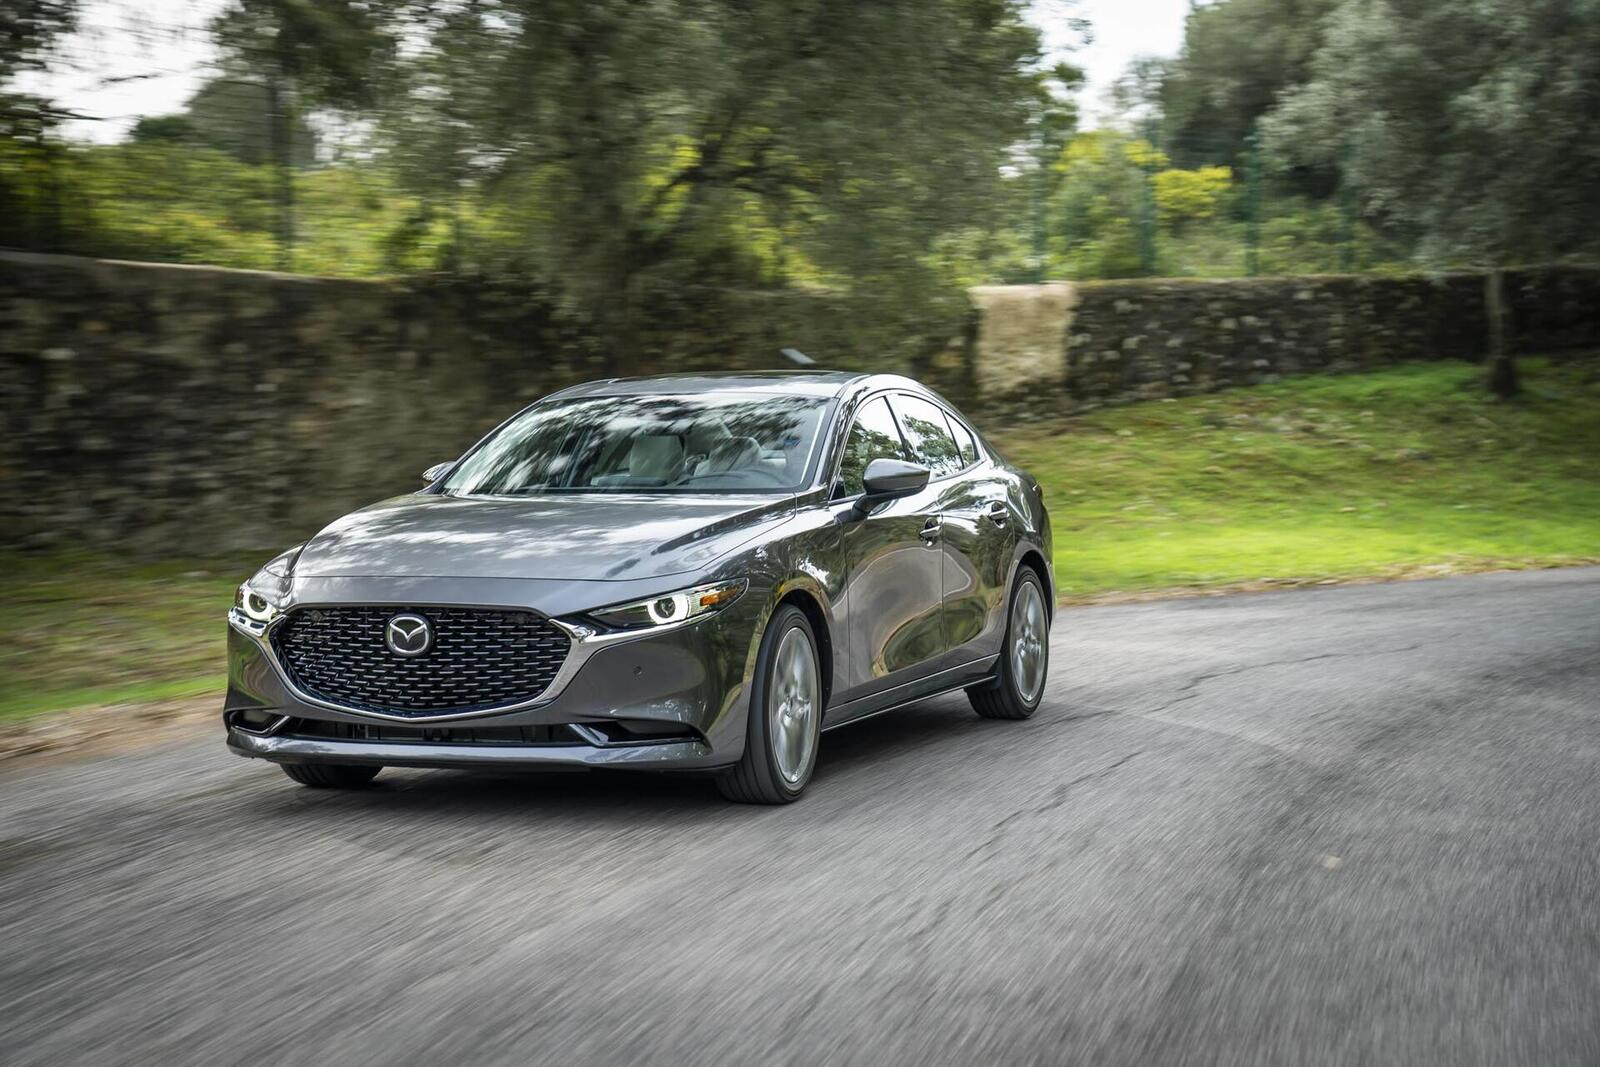 Mazda3 thế hệ mới chốt lịch ra mắt tại Malaysia vào tháng sau; giá dự kiến từ 764 triệu đồng - Hình 3